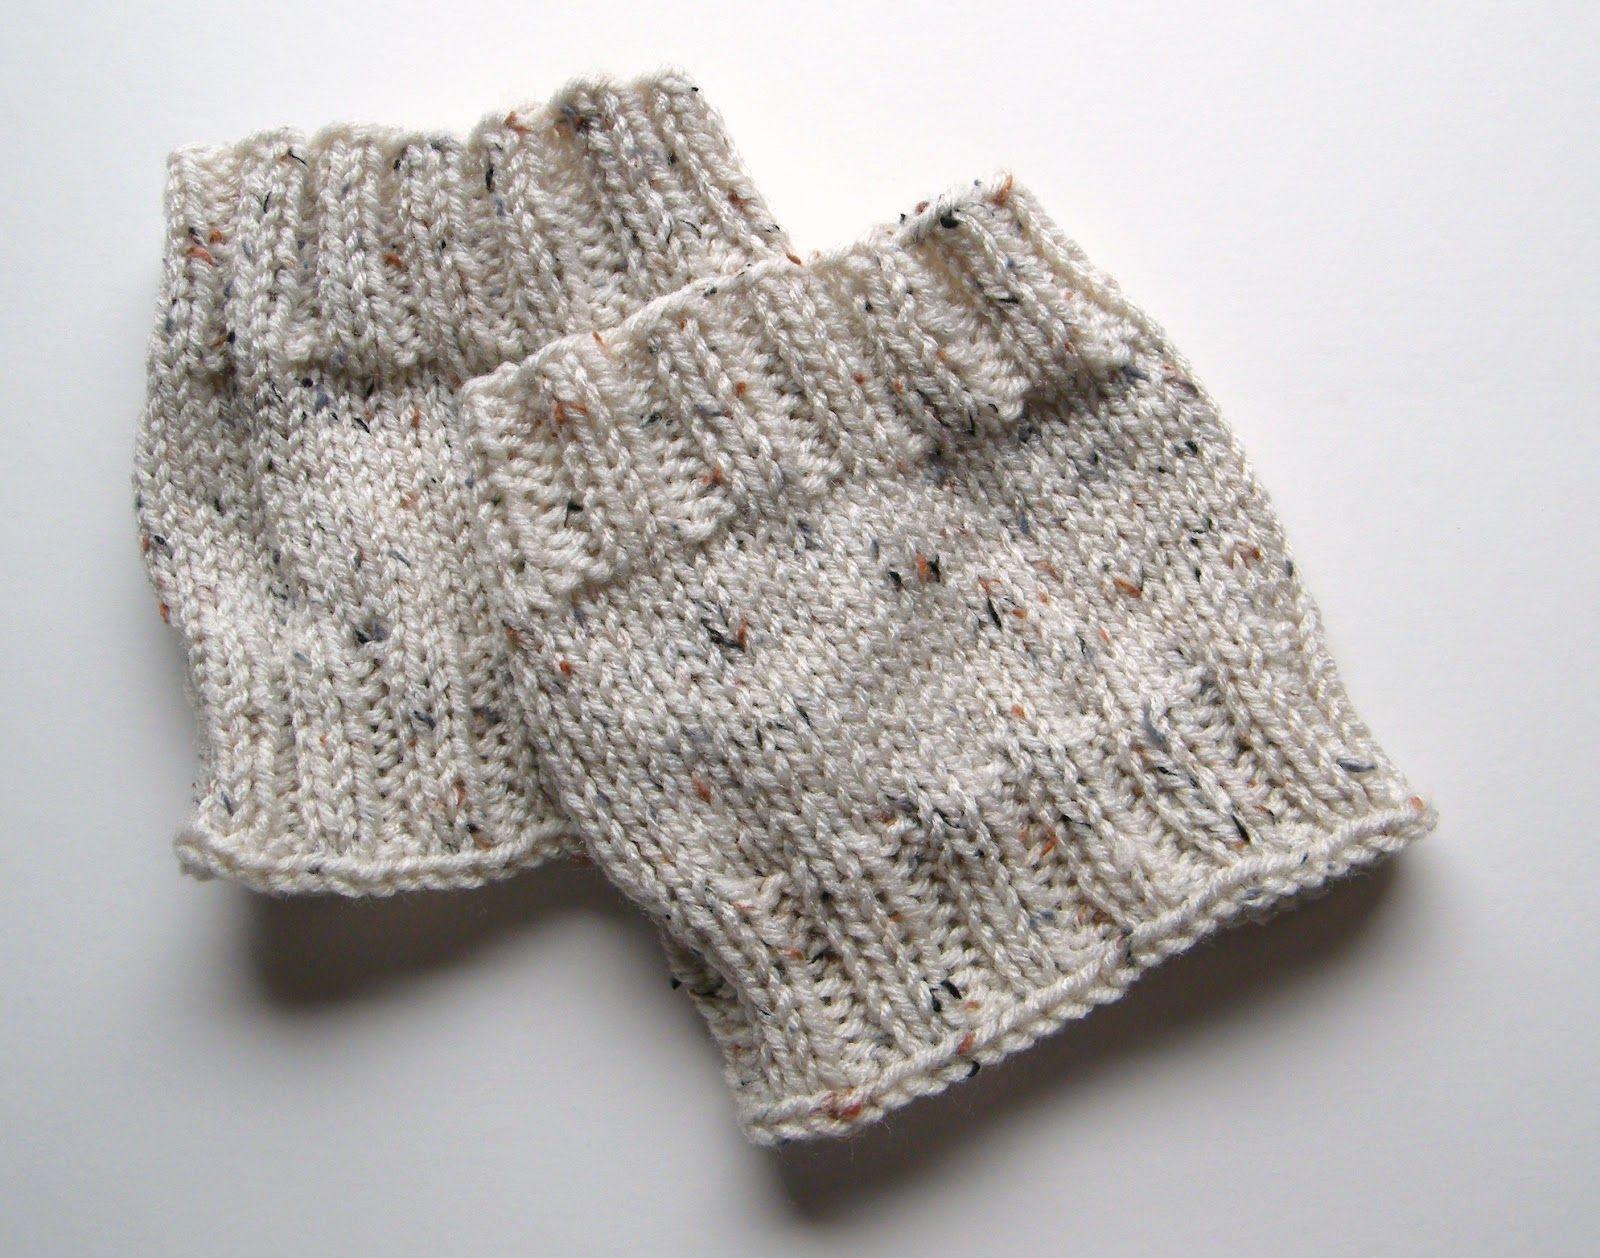 boot cuffs knitting pattern free | Lewis Knits: Boot Cuff | Knitting ...